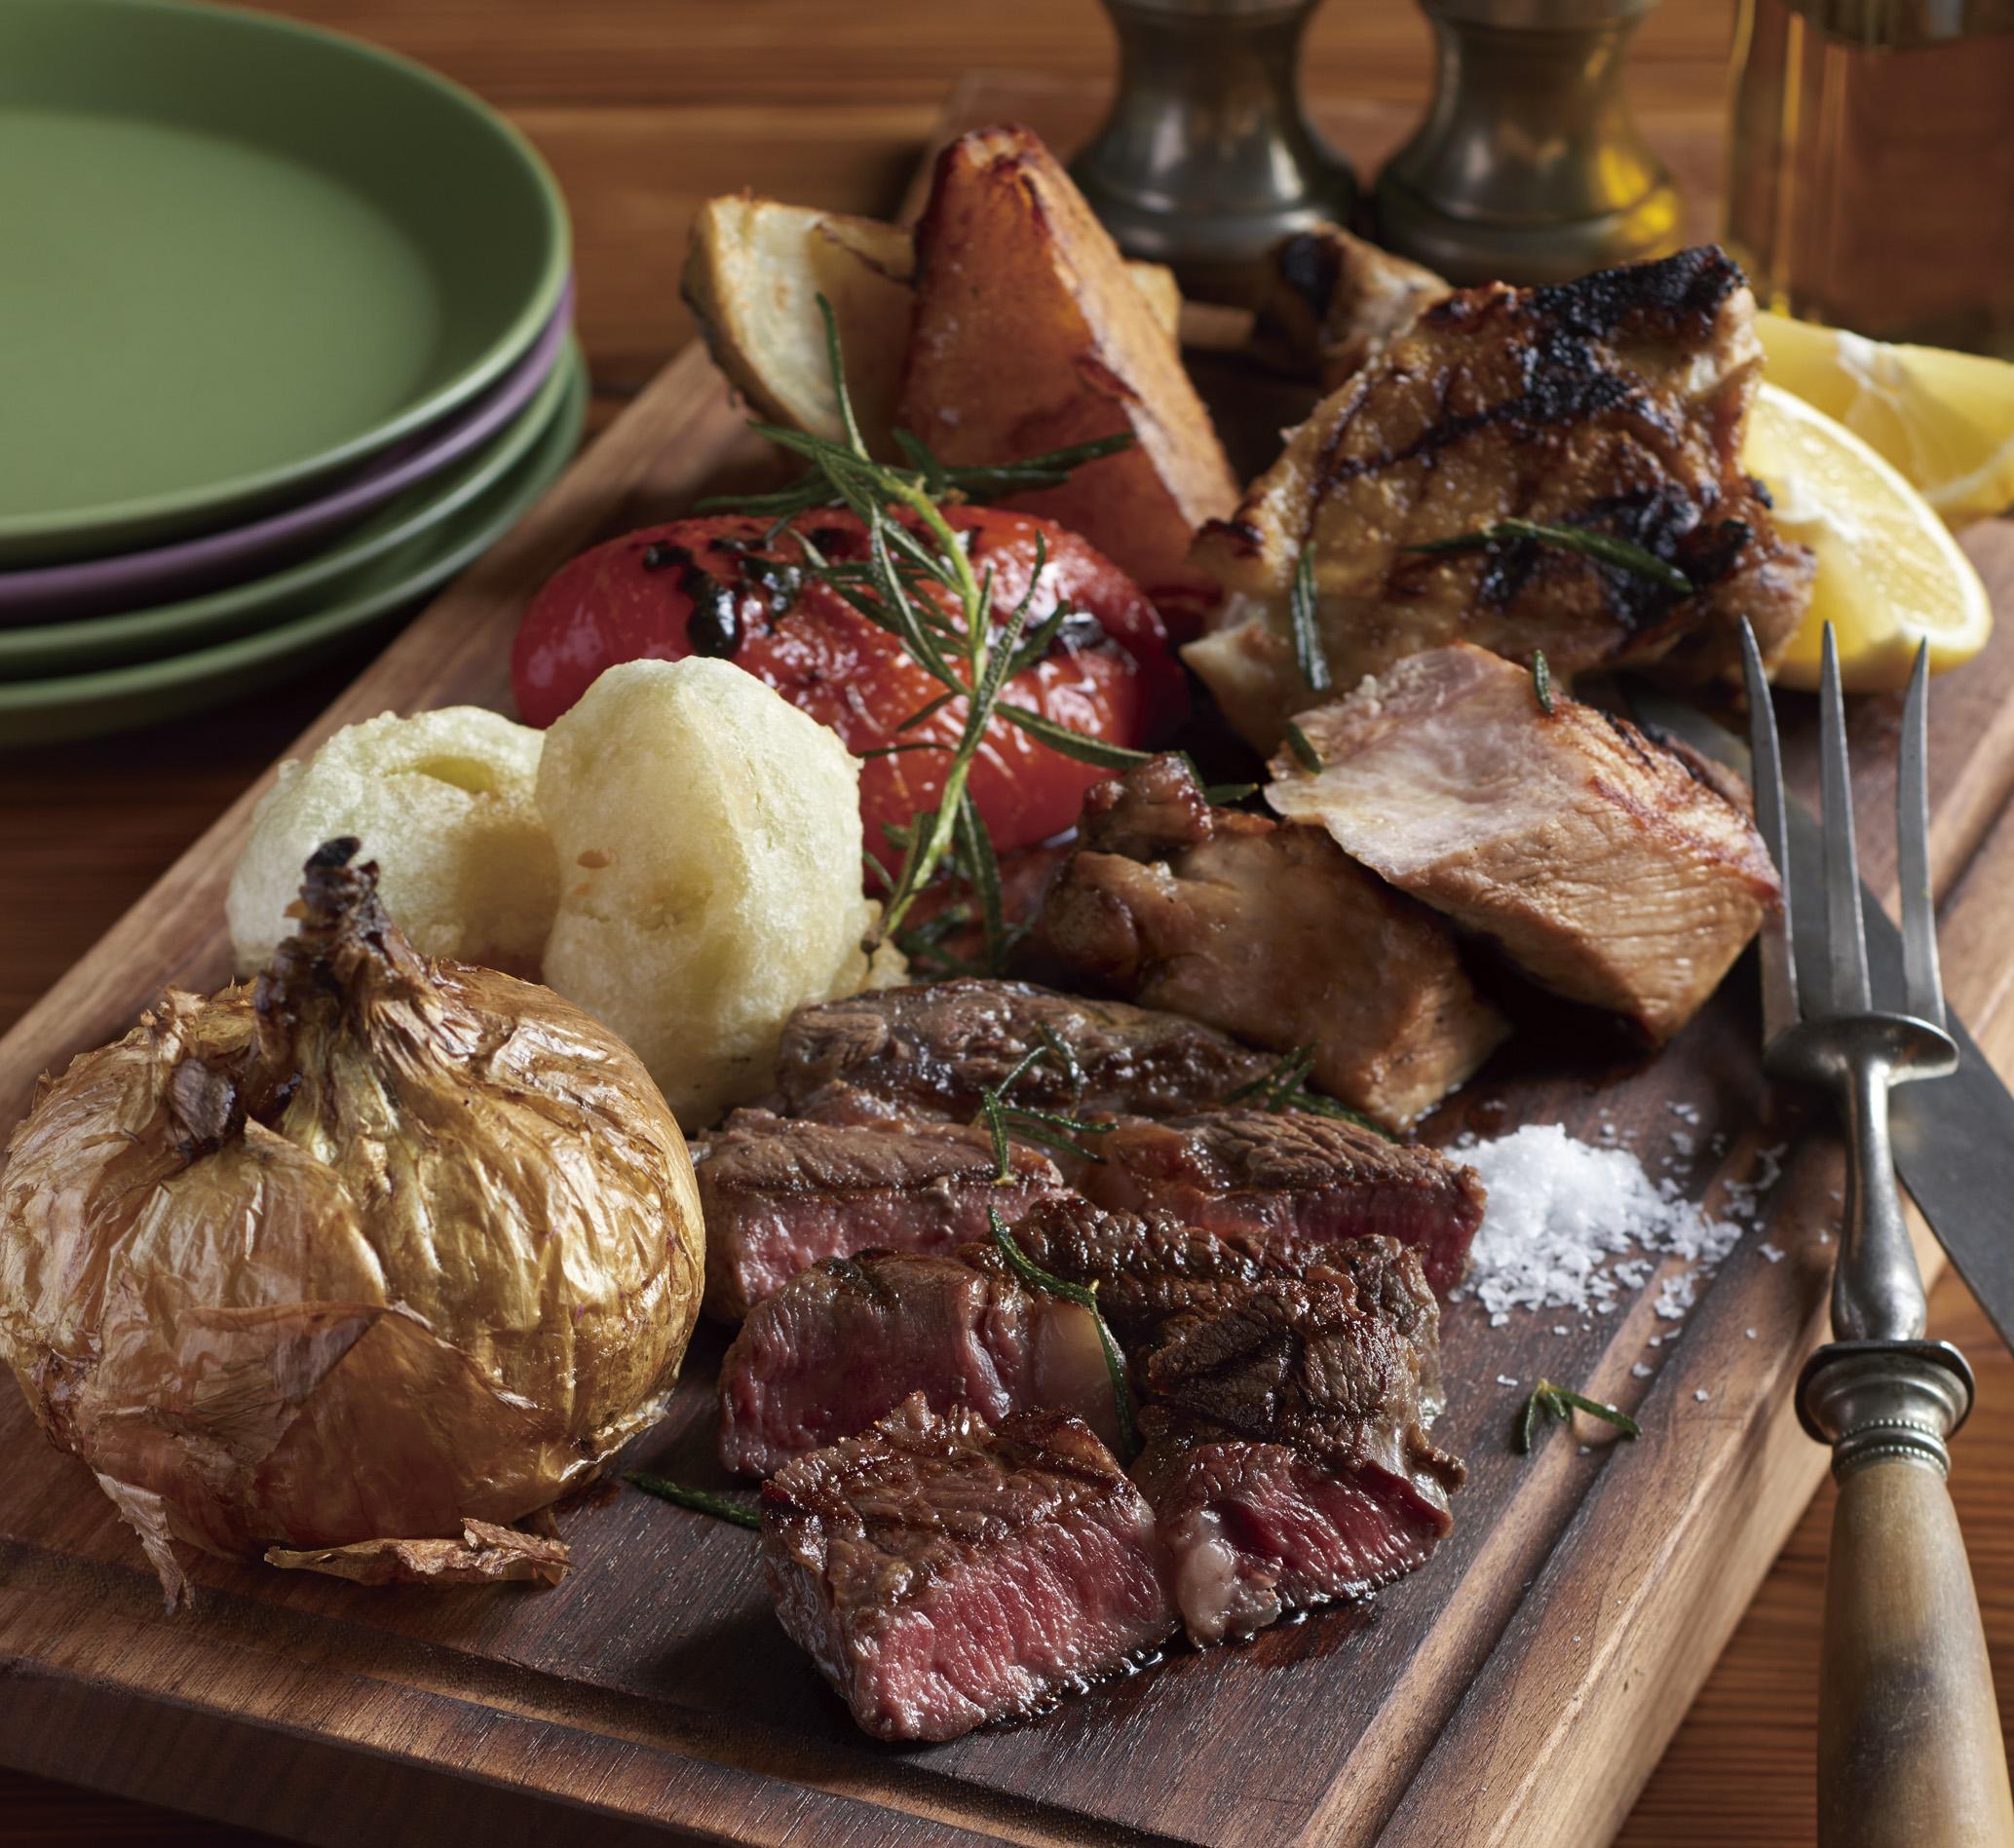 お肉と野菜をたっぷりと♡ 『キハチ』のコースメニューがおいしそう!_1